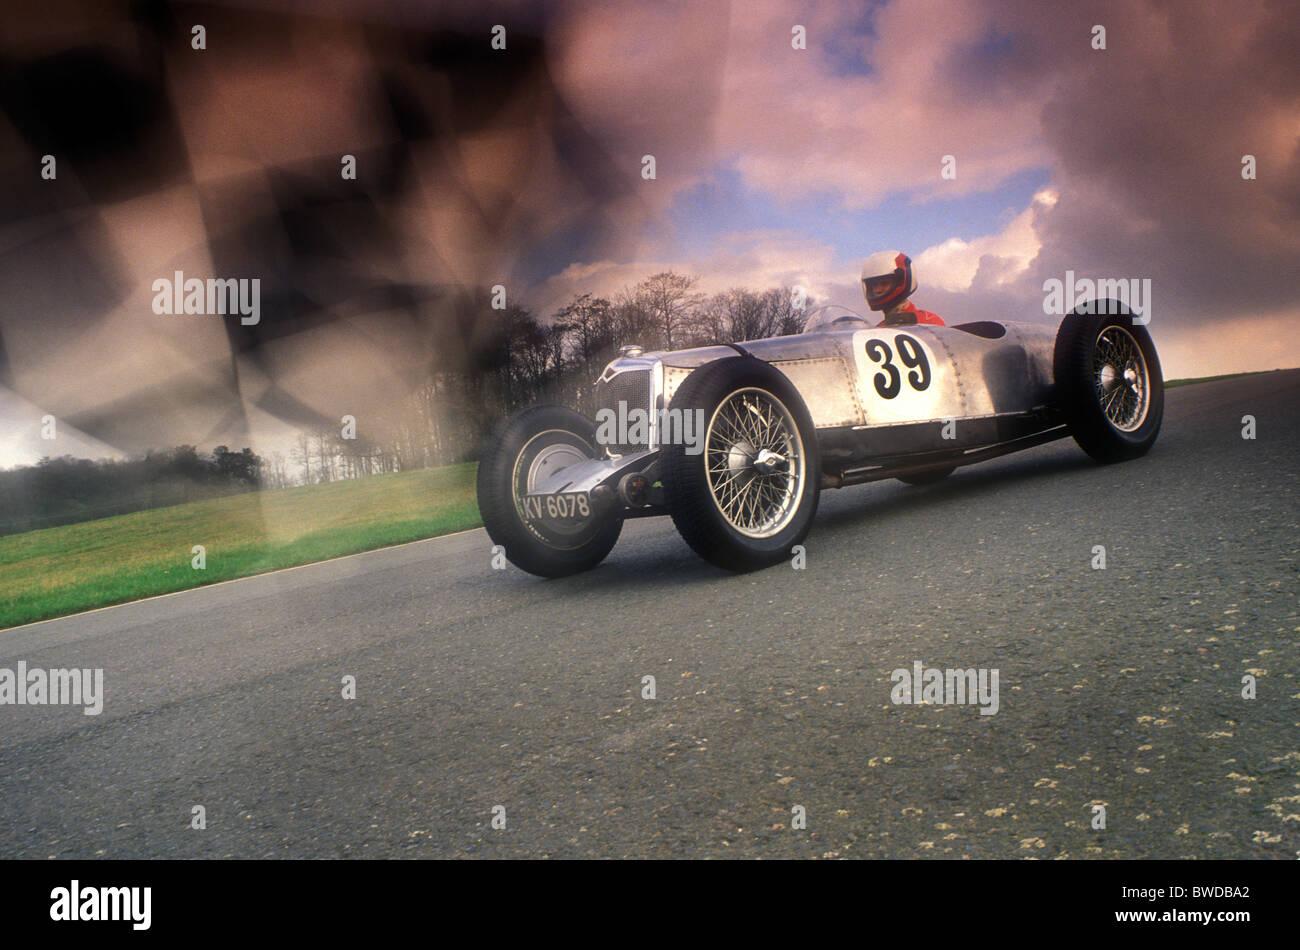 Vintage Car Racing Stock Photos & Vintage Car Racing Stock Images ...